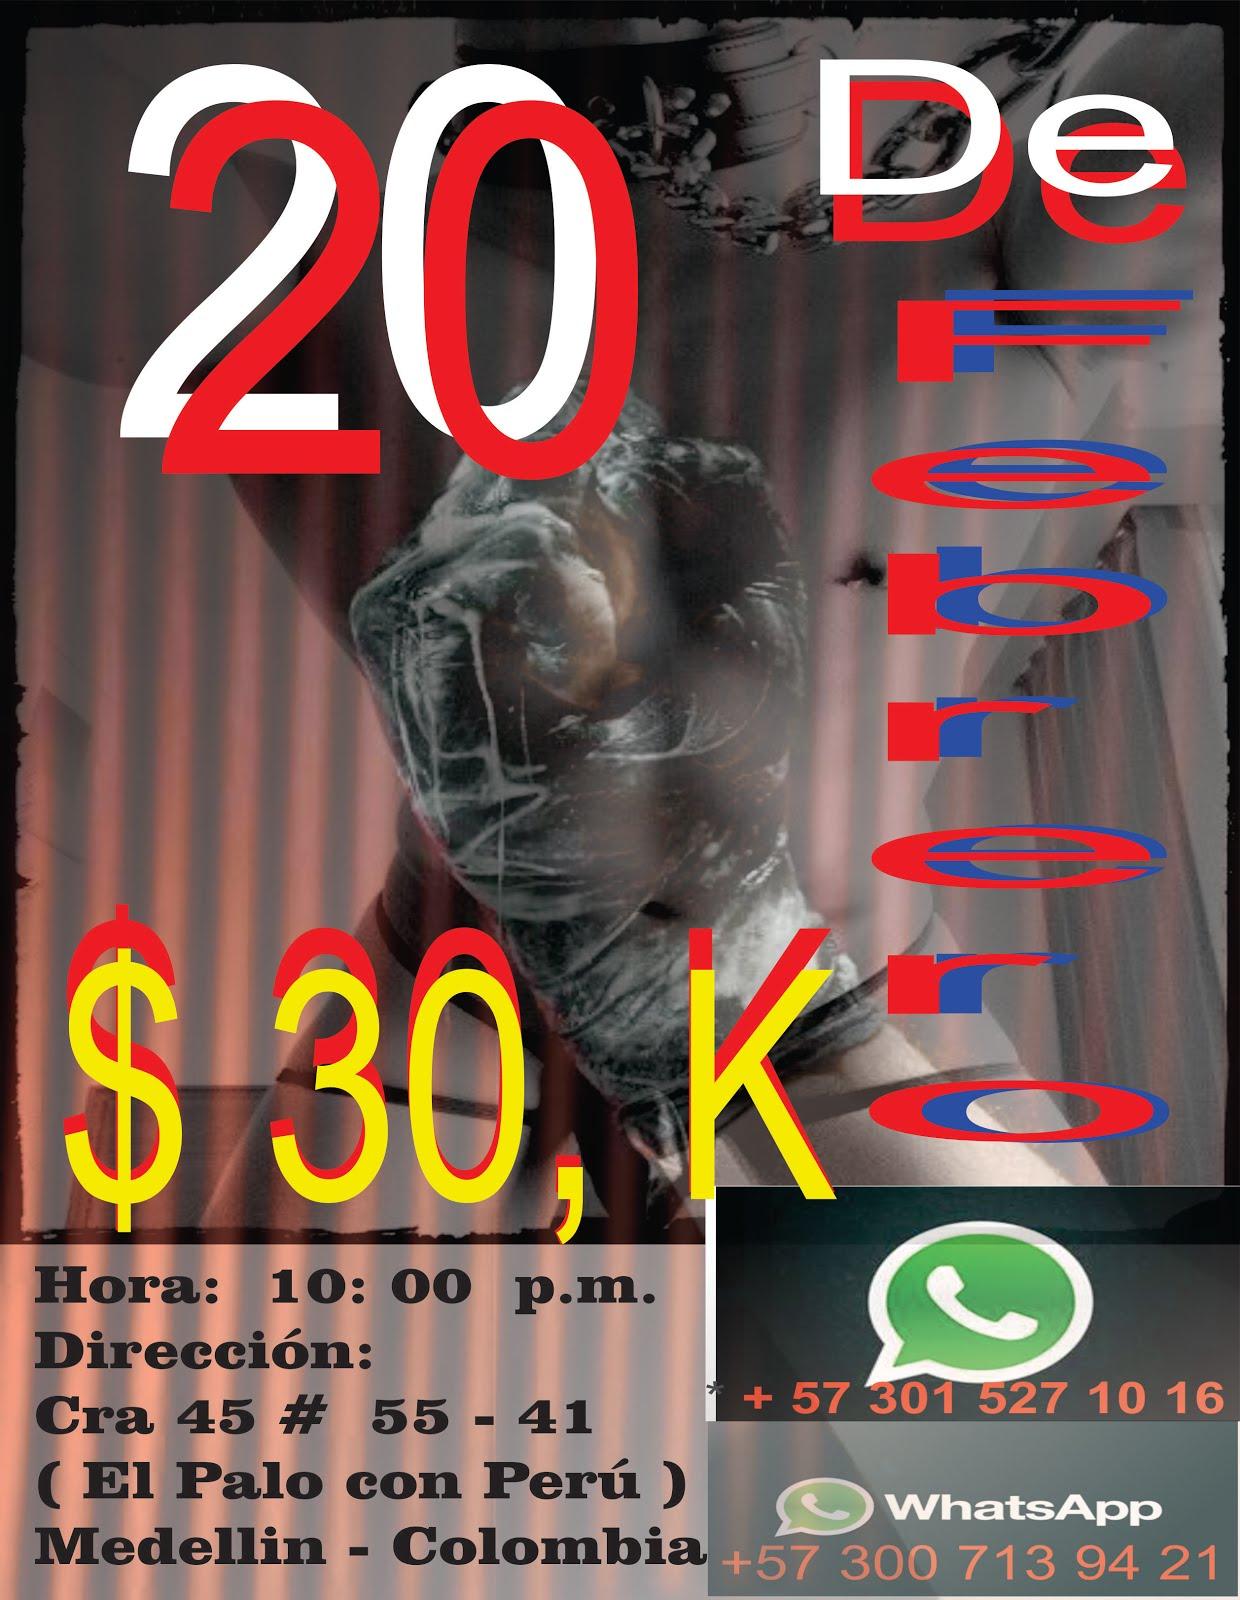 EVENTO EN MEDELLIN. 20 DE FEBRERO